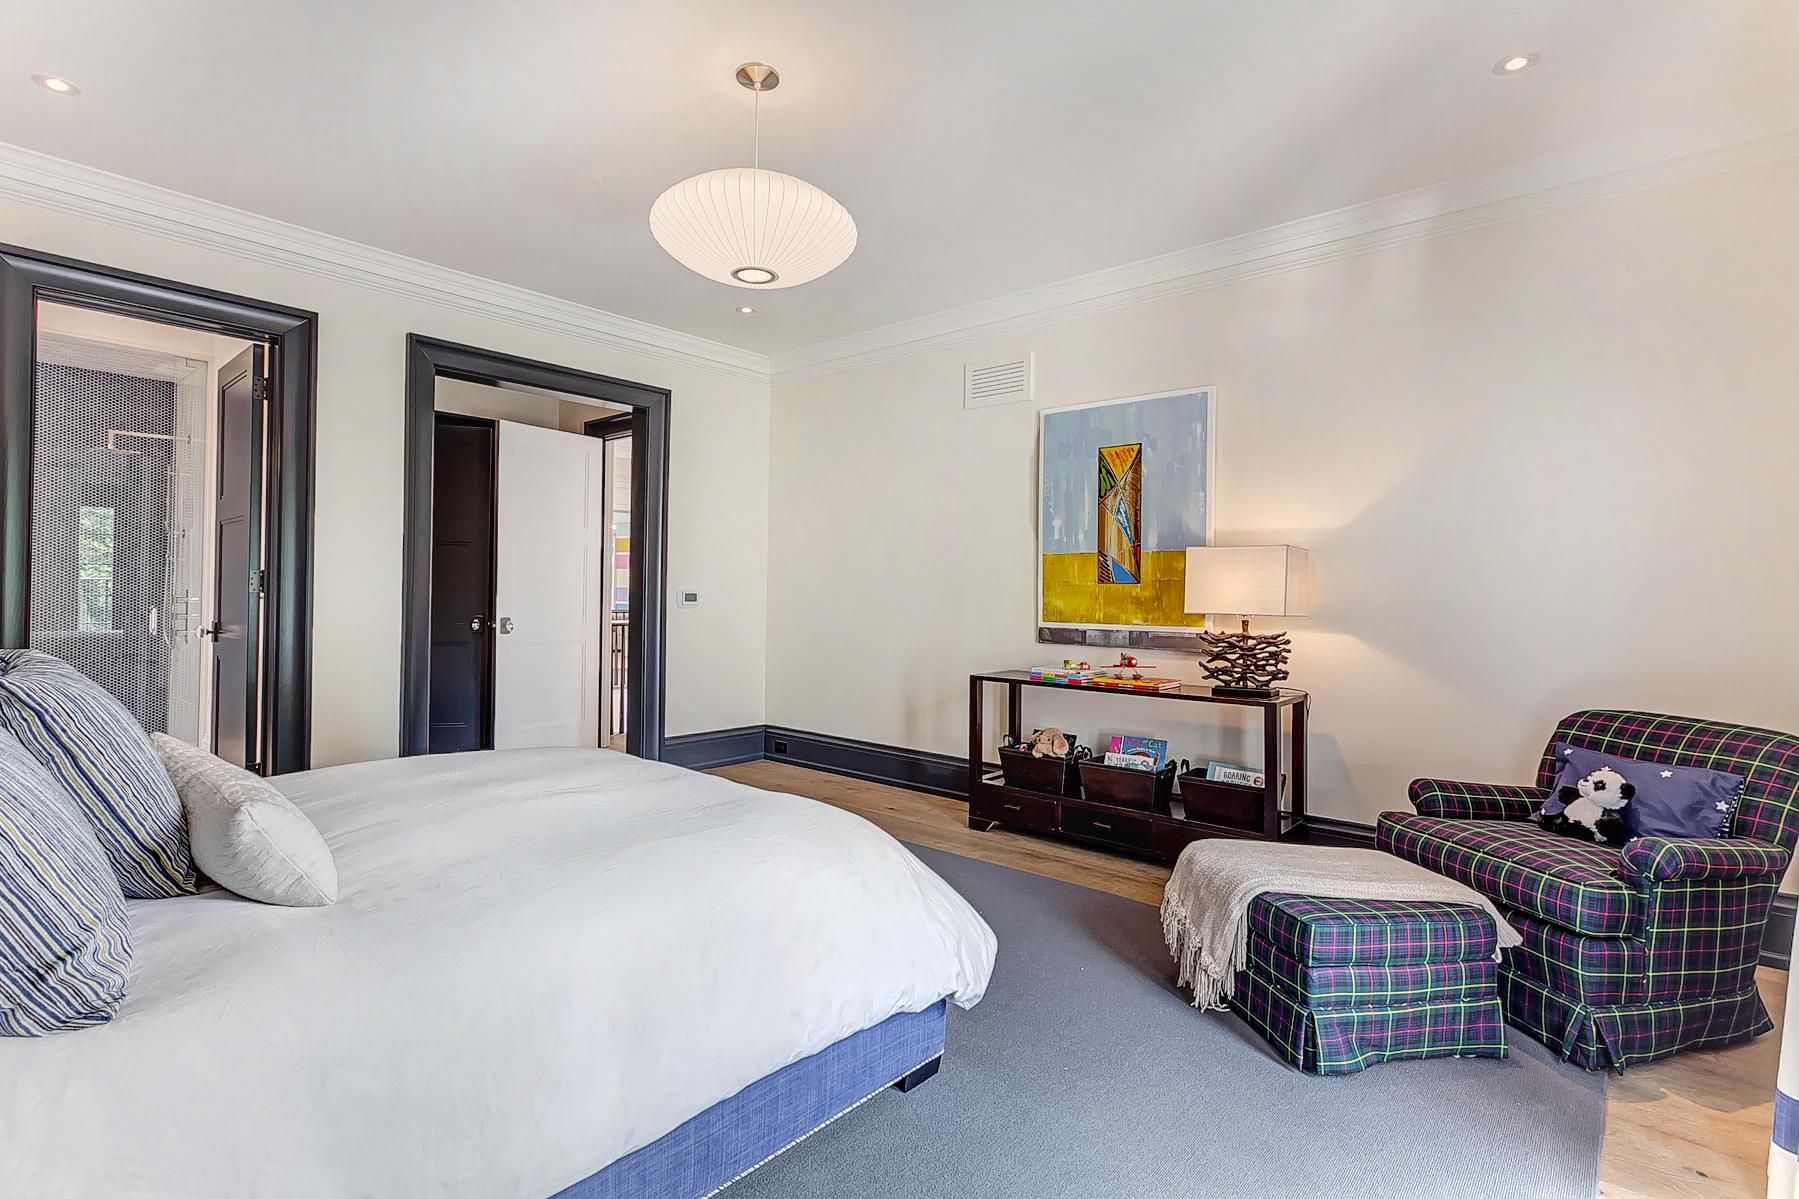 41_Boys_Bedroom.jpg